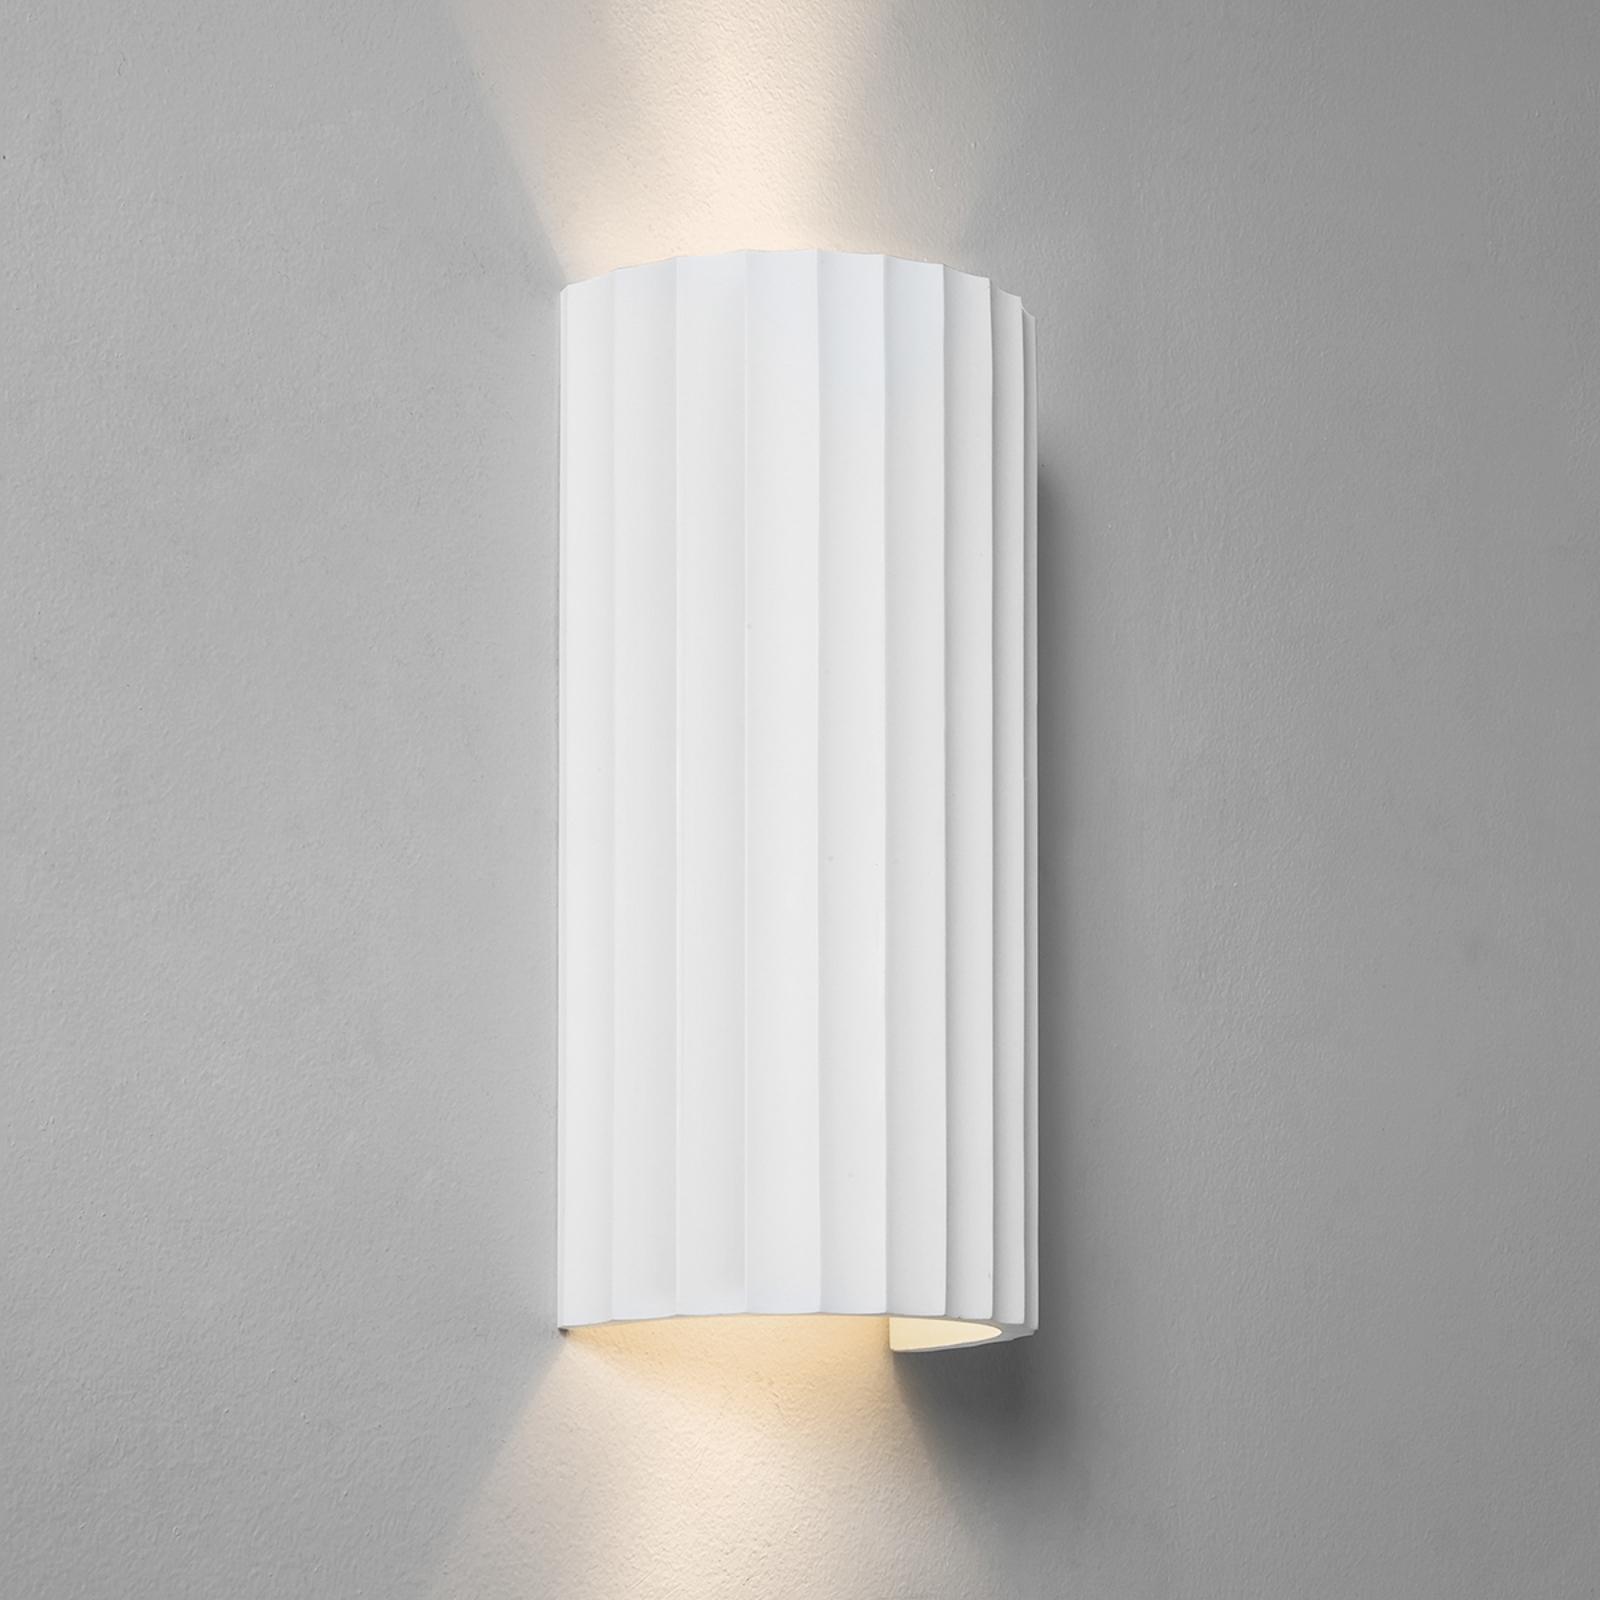 Gips-wandlamp Kymi 300